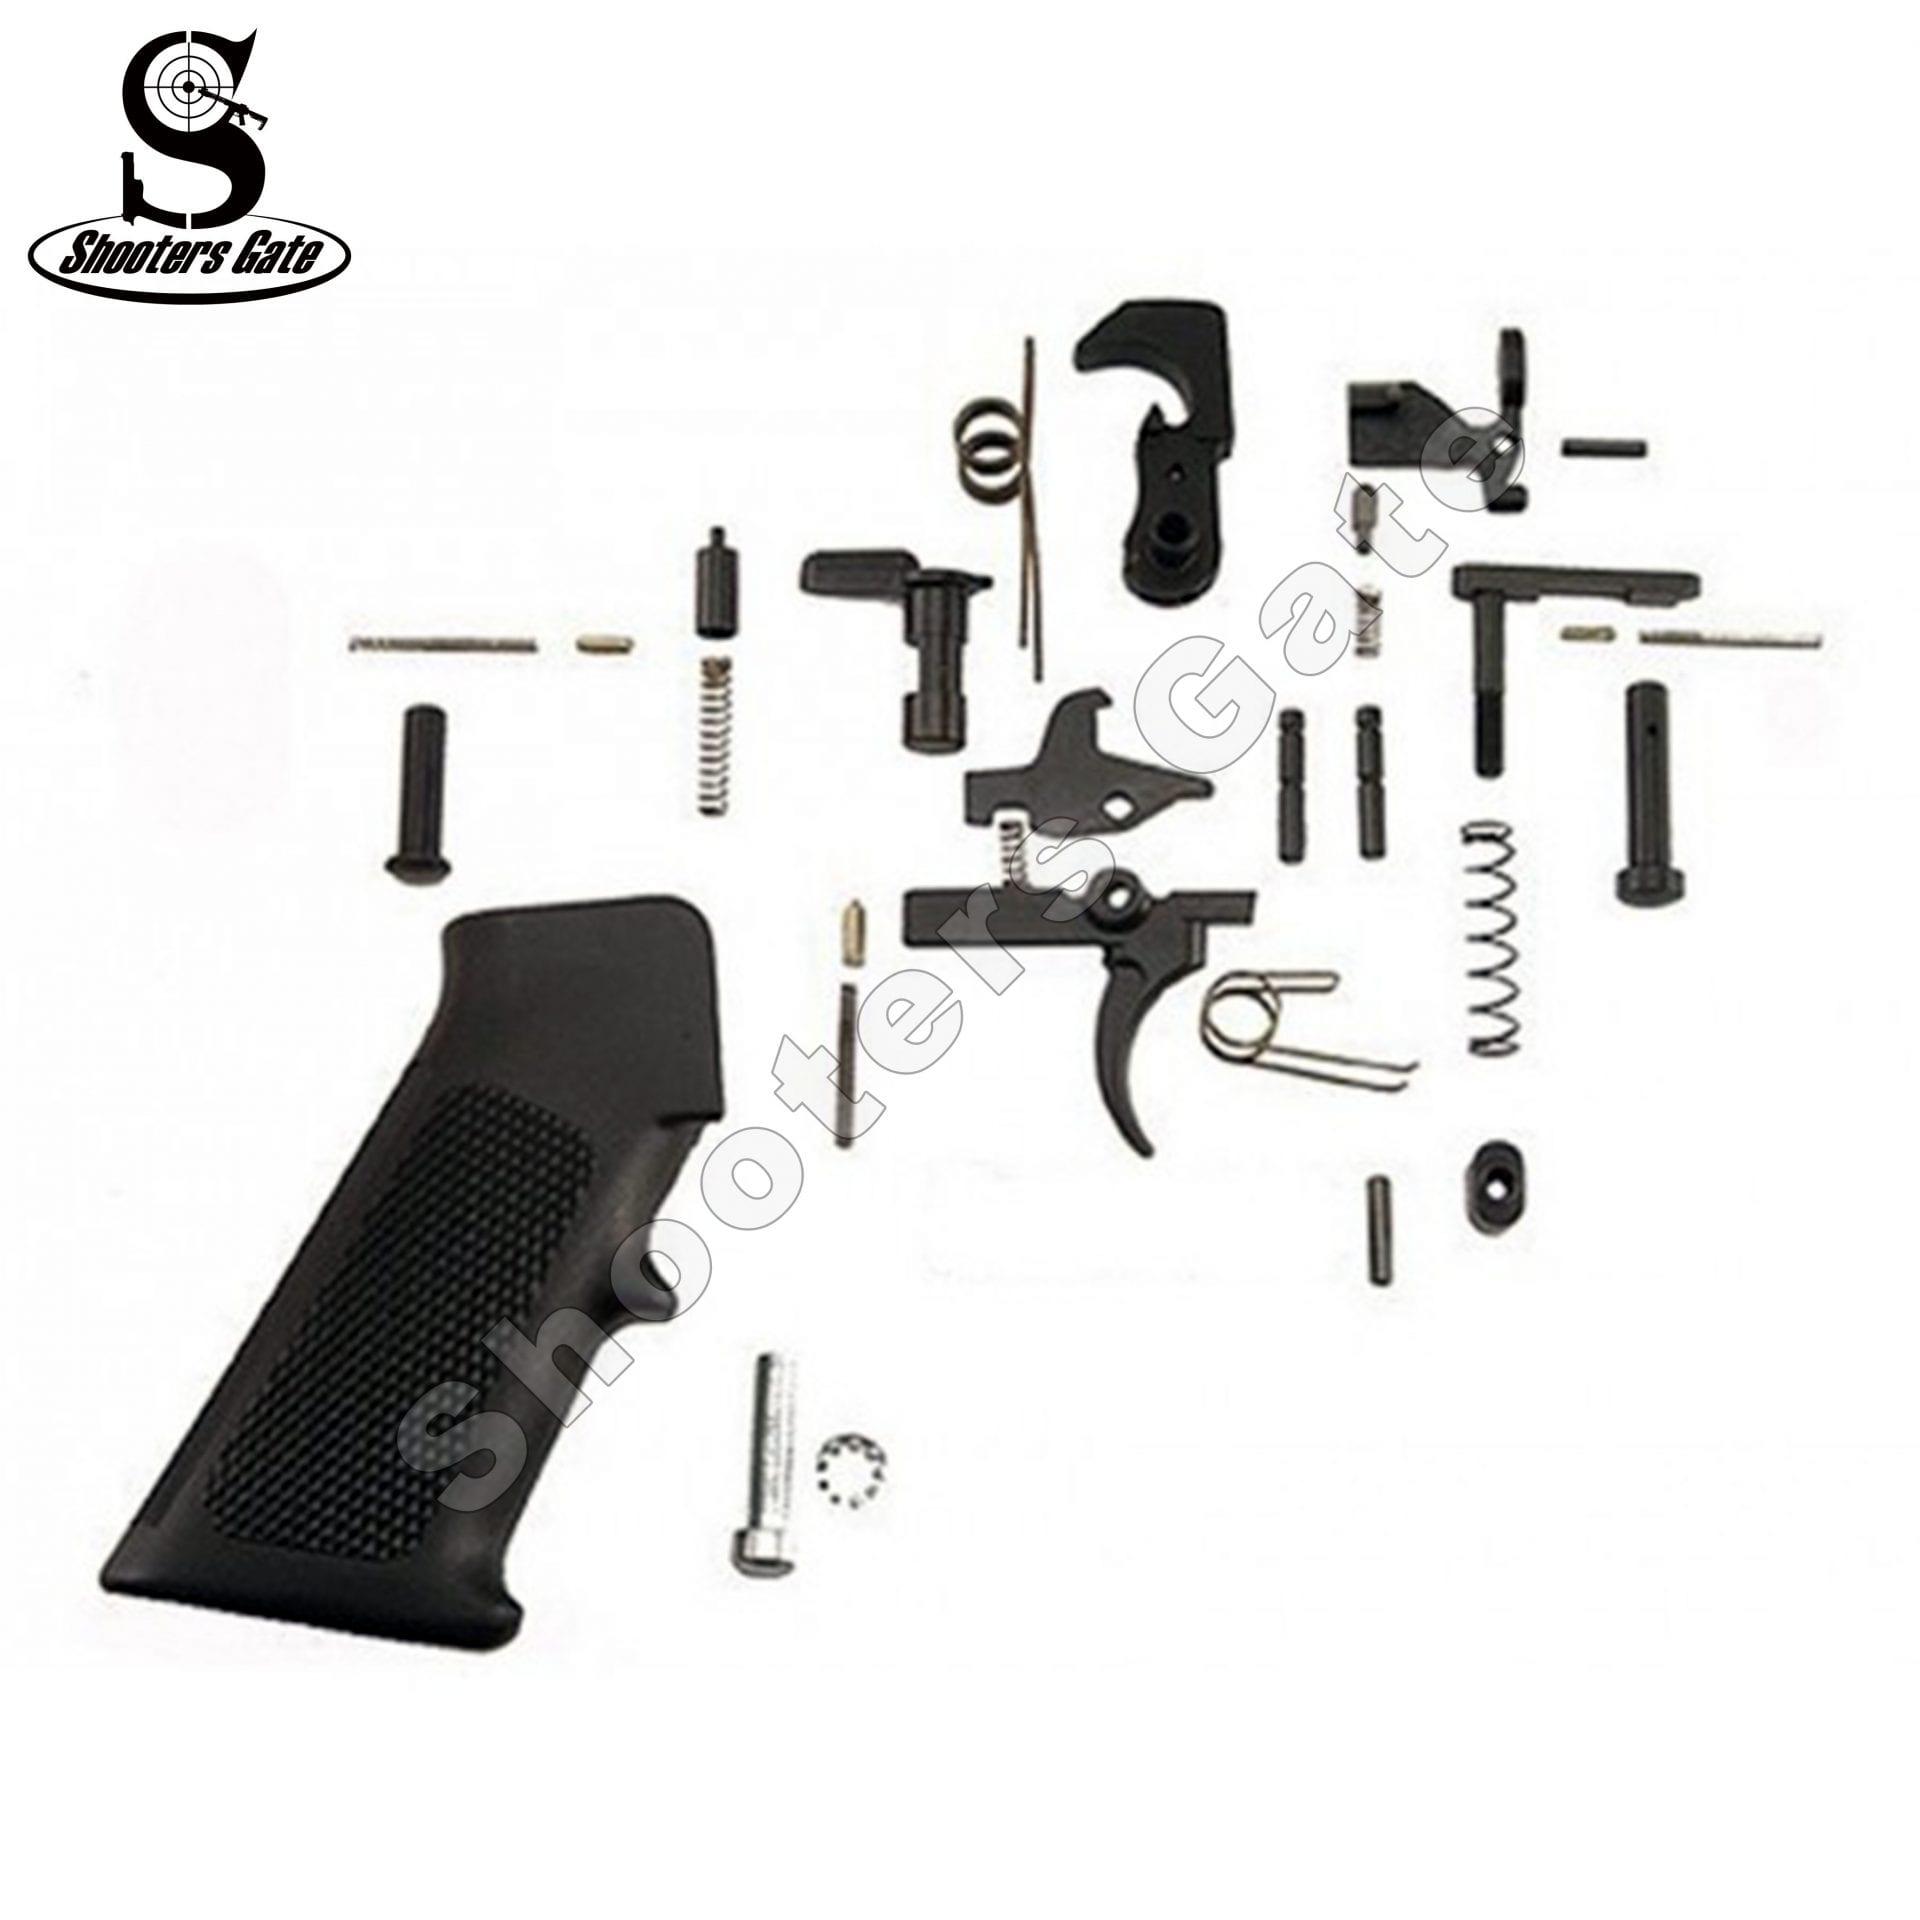 AR10 Trigger Parts Kit